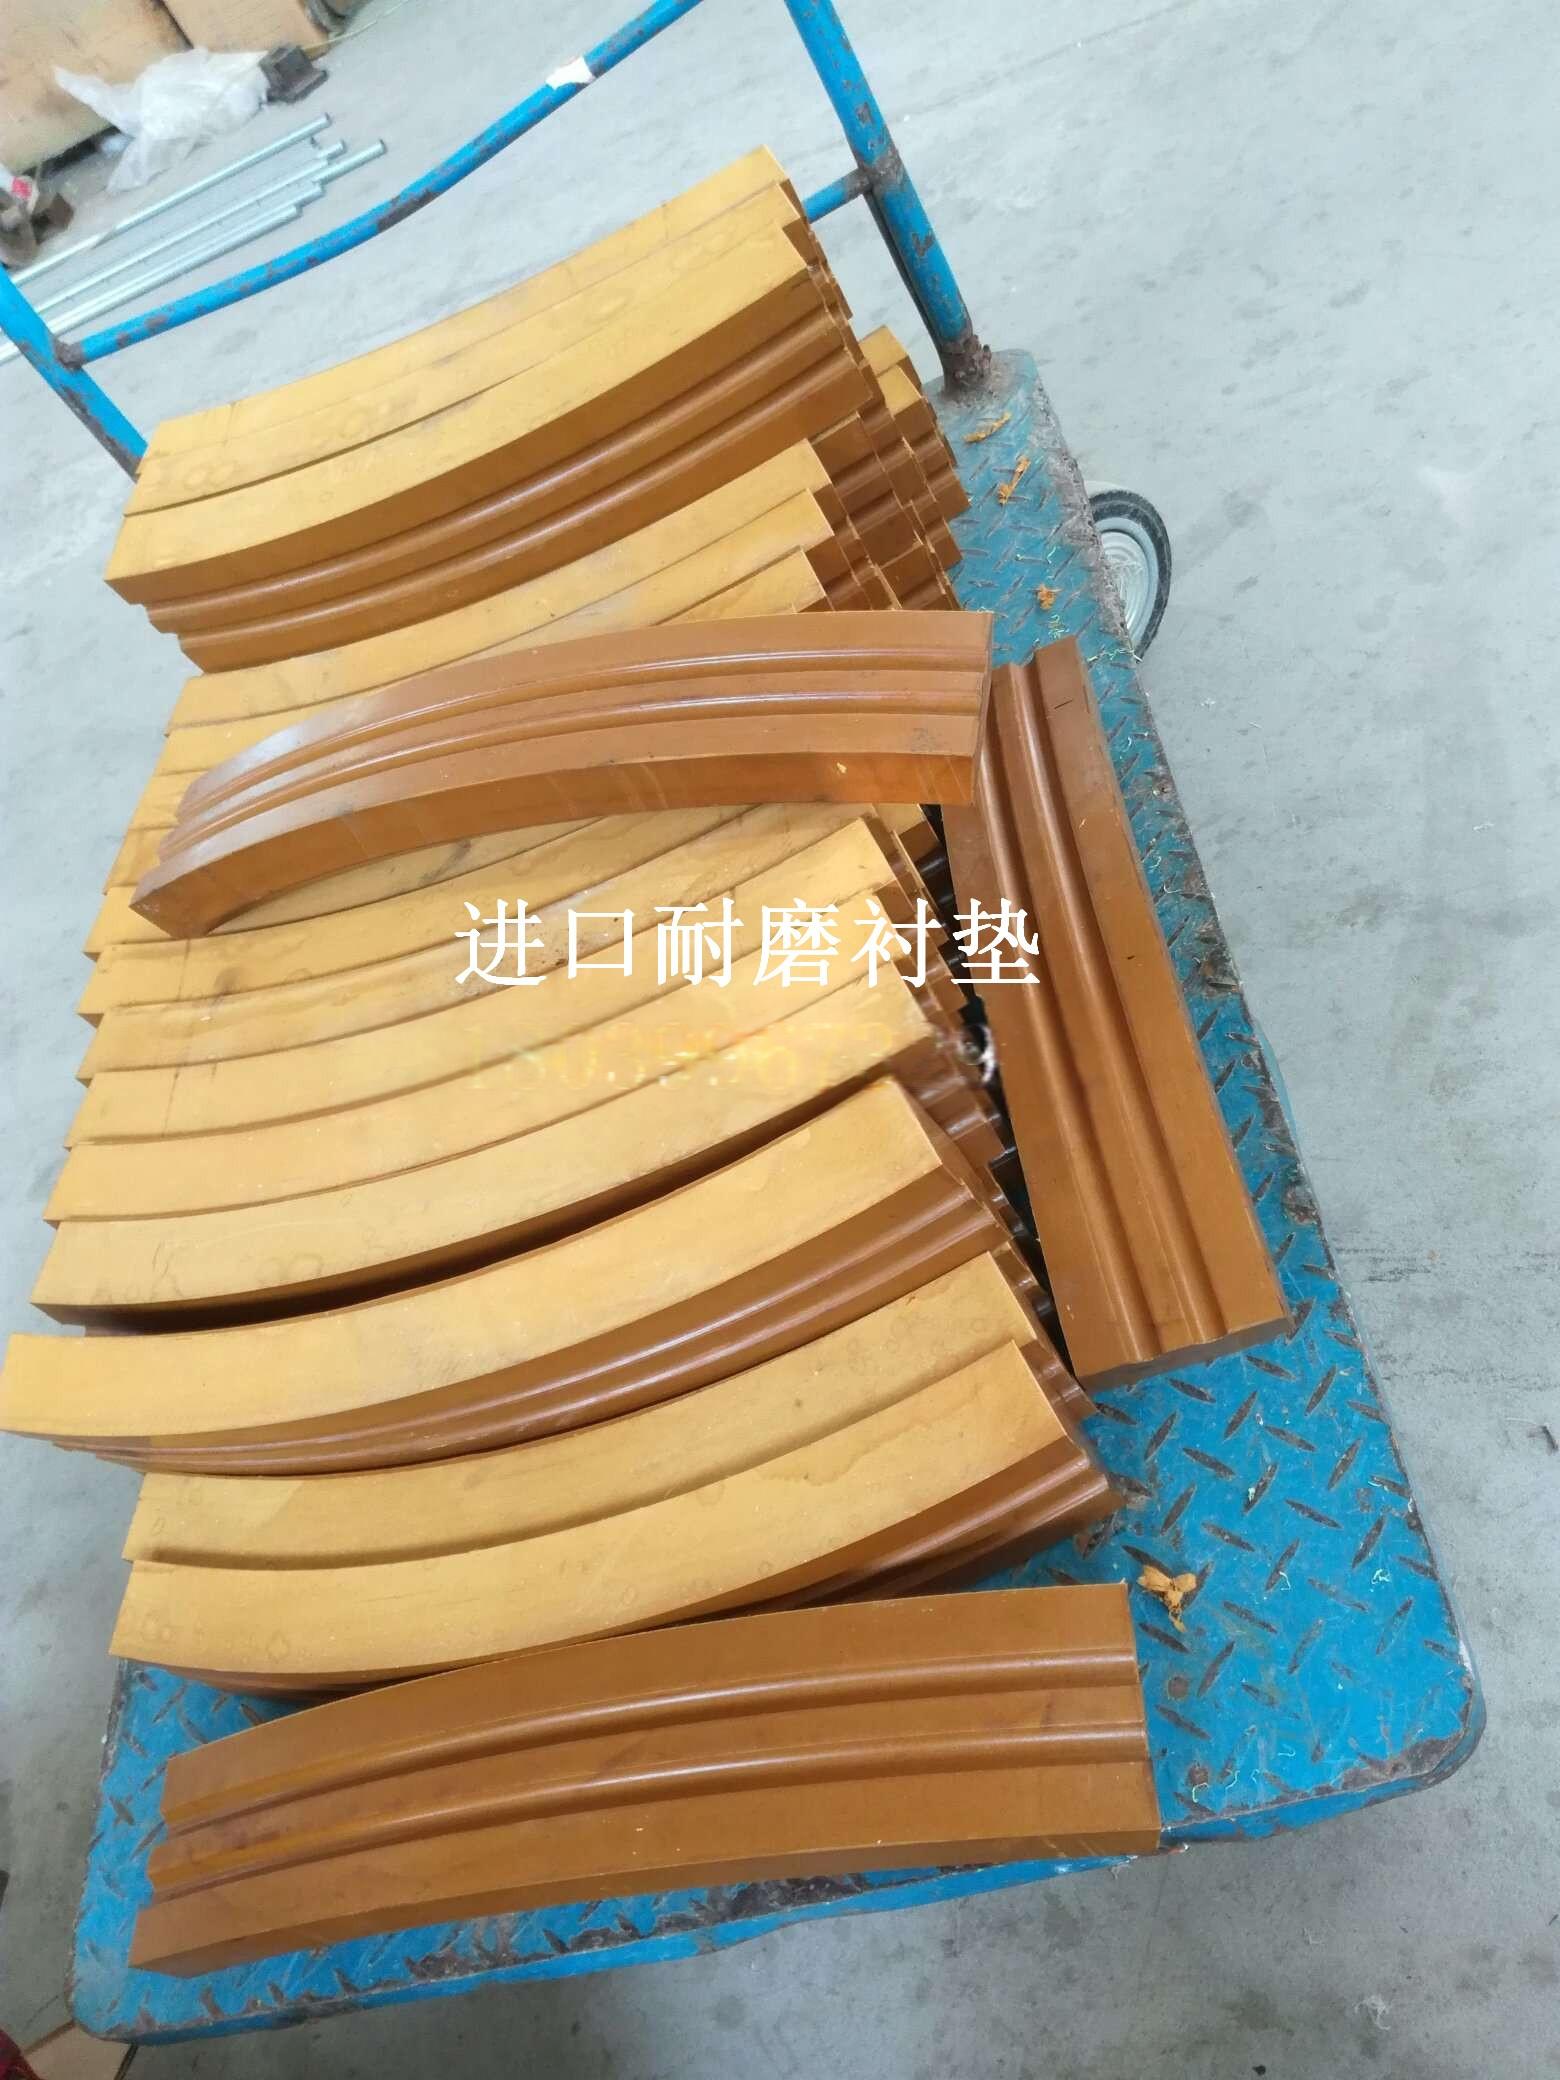 钢厂钢缆机活套车绳轮衬套专用衬垫耐磨进口材质43629142